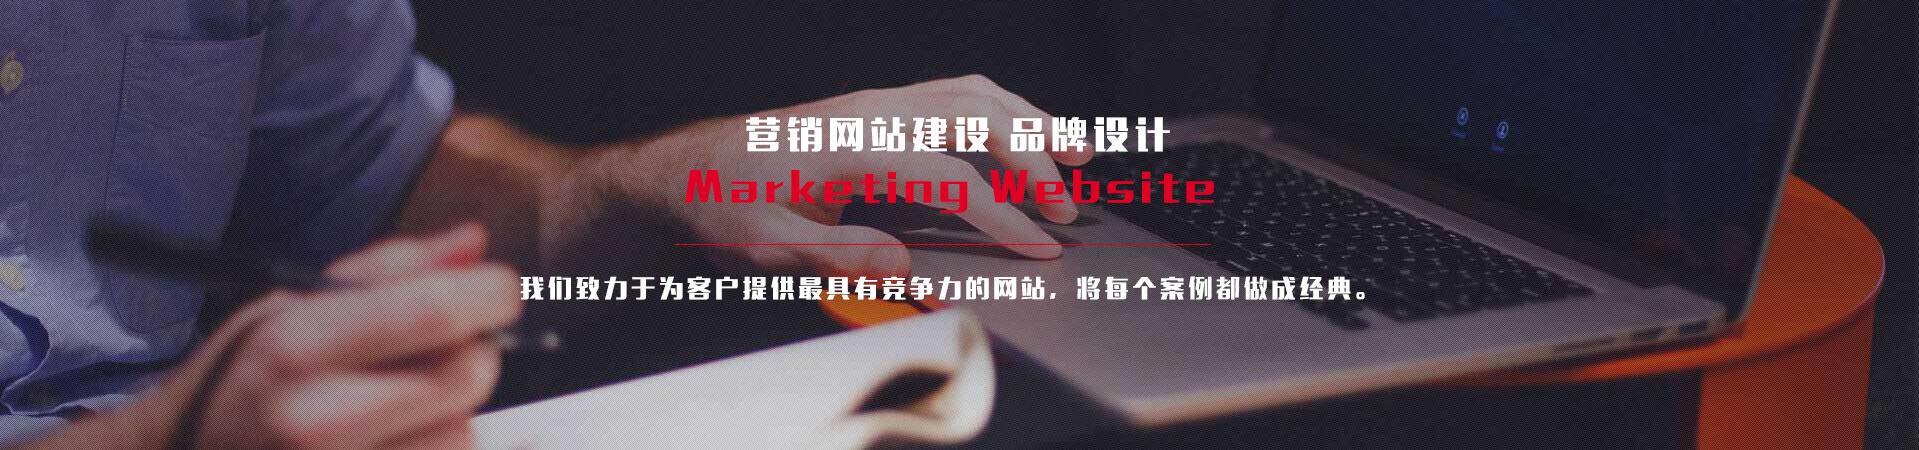 手机营销banner